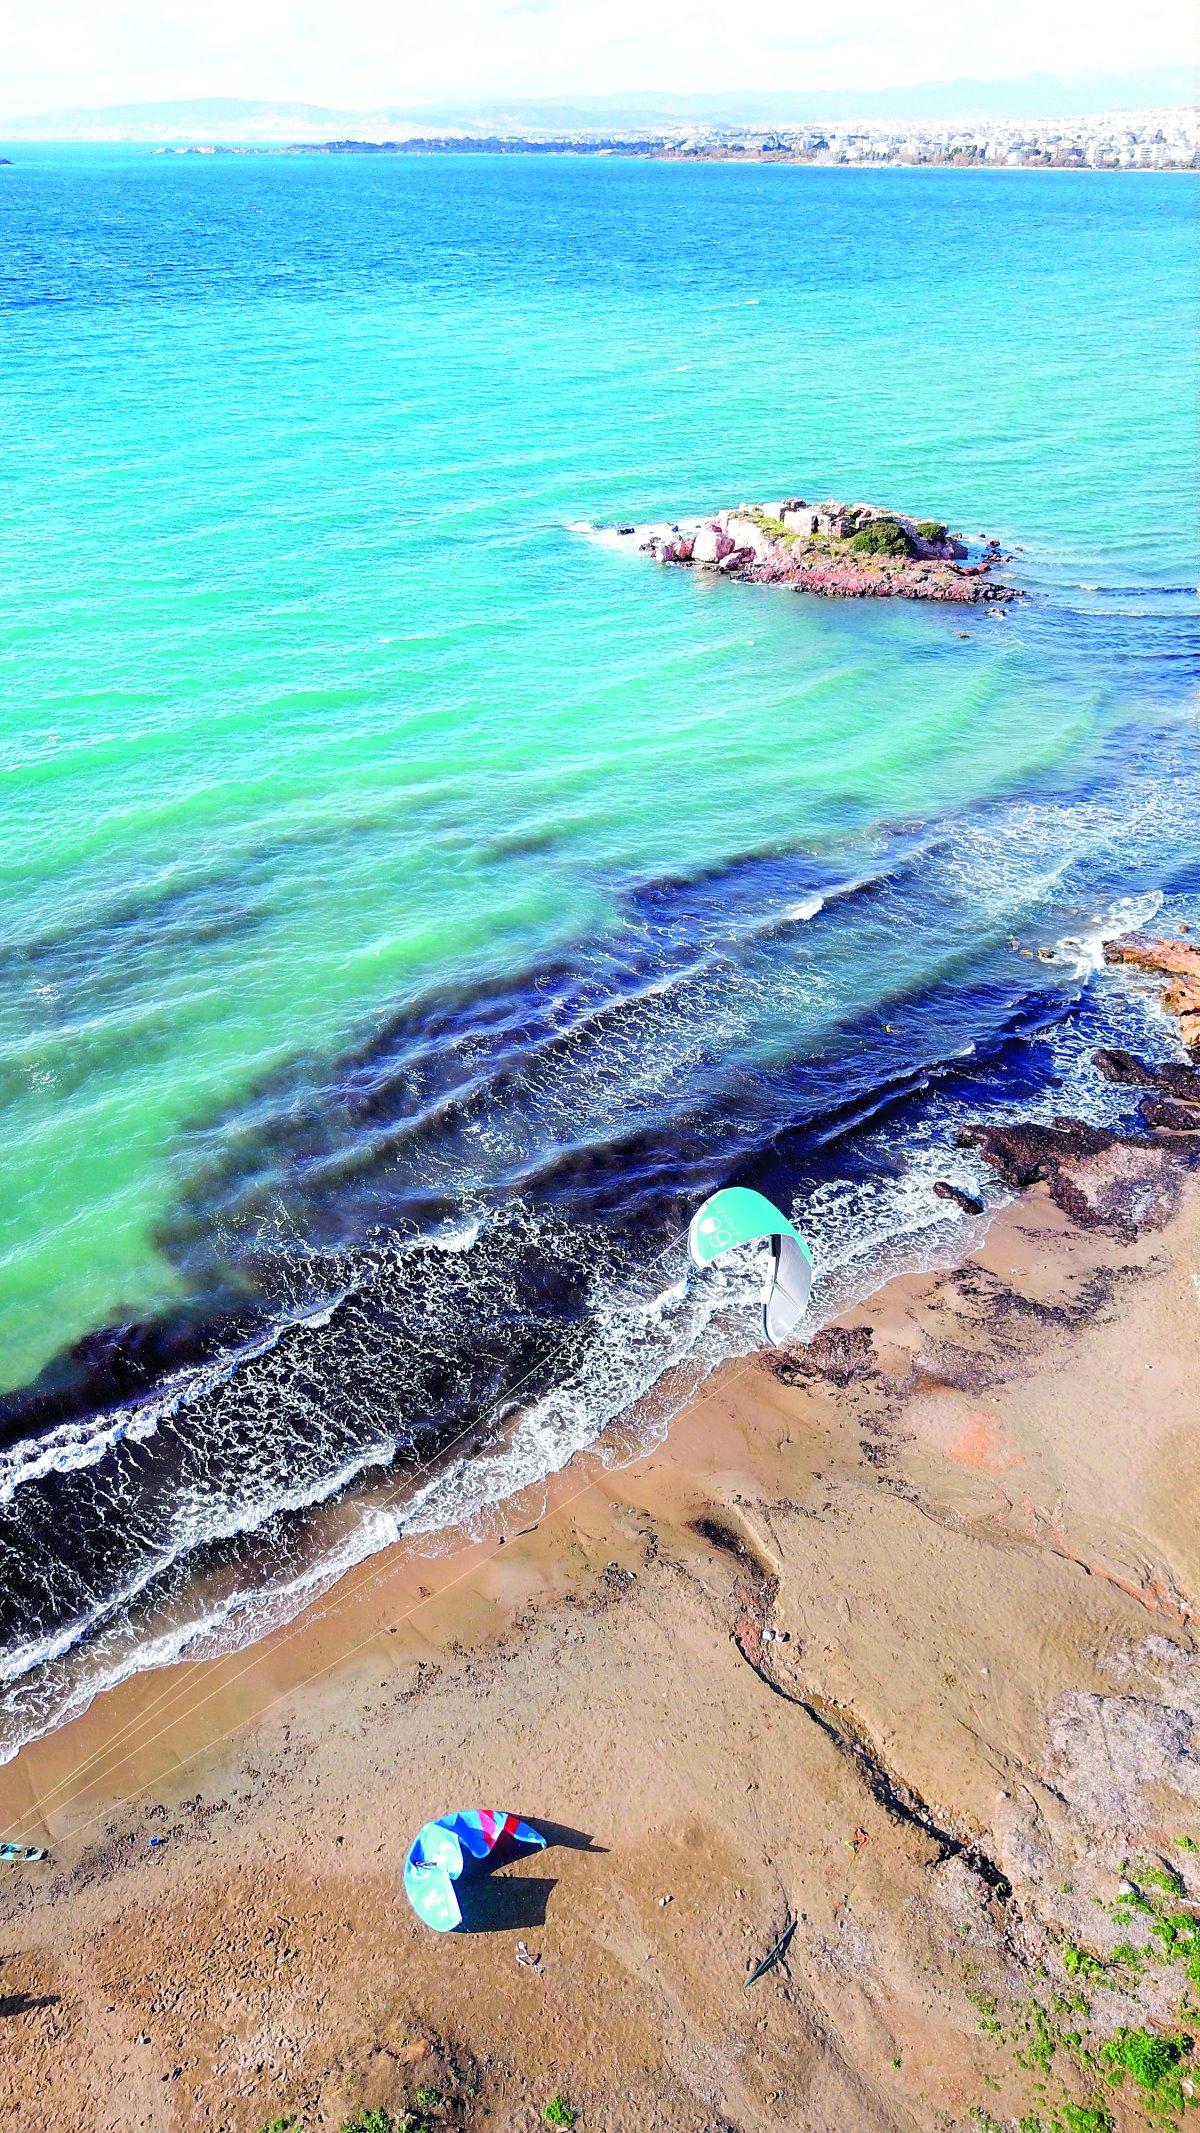 Παραλίες στην Αττική Ριβιέρα